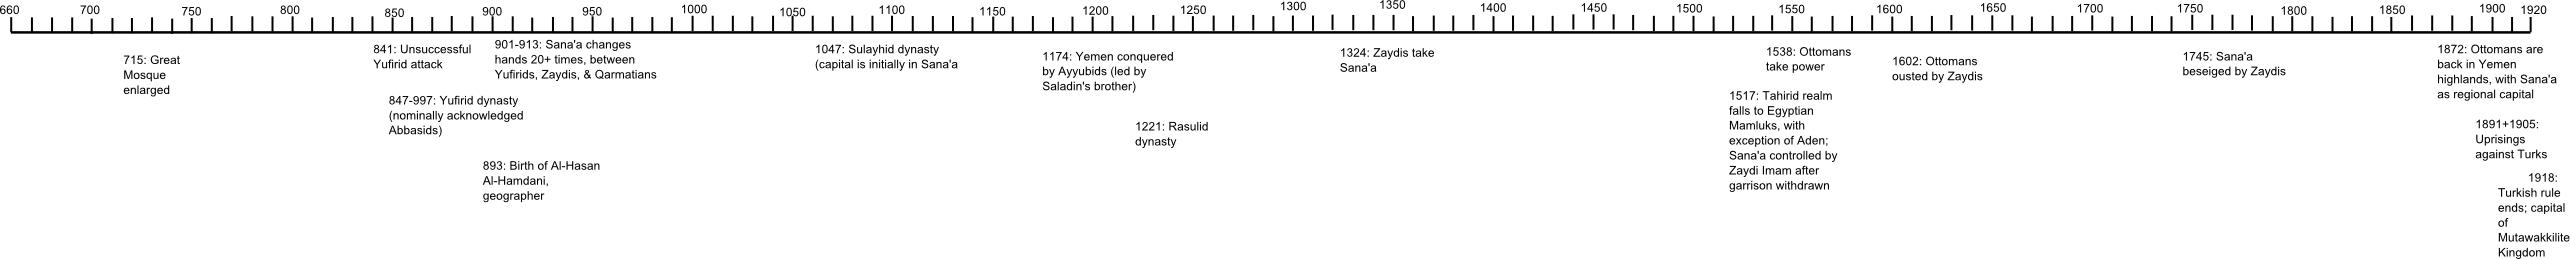 Timeline of Sana'a